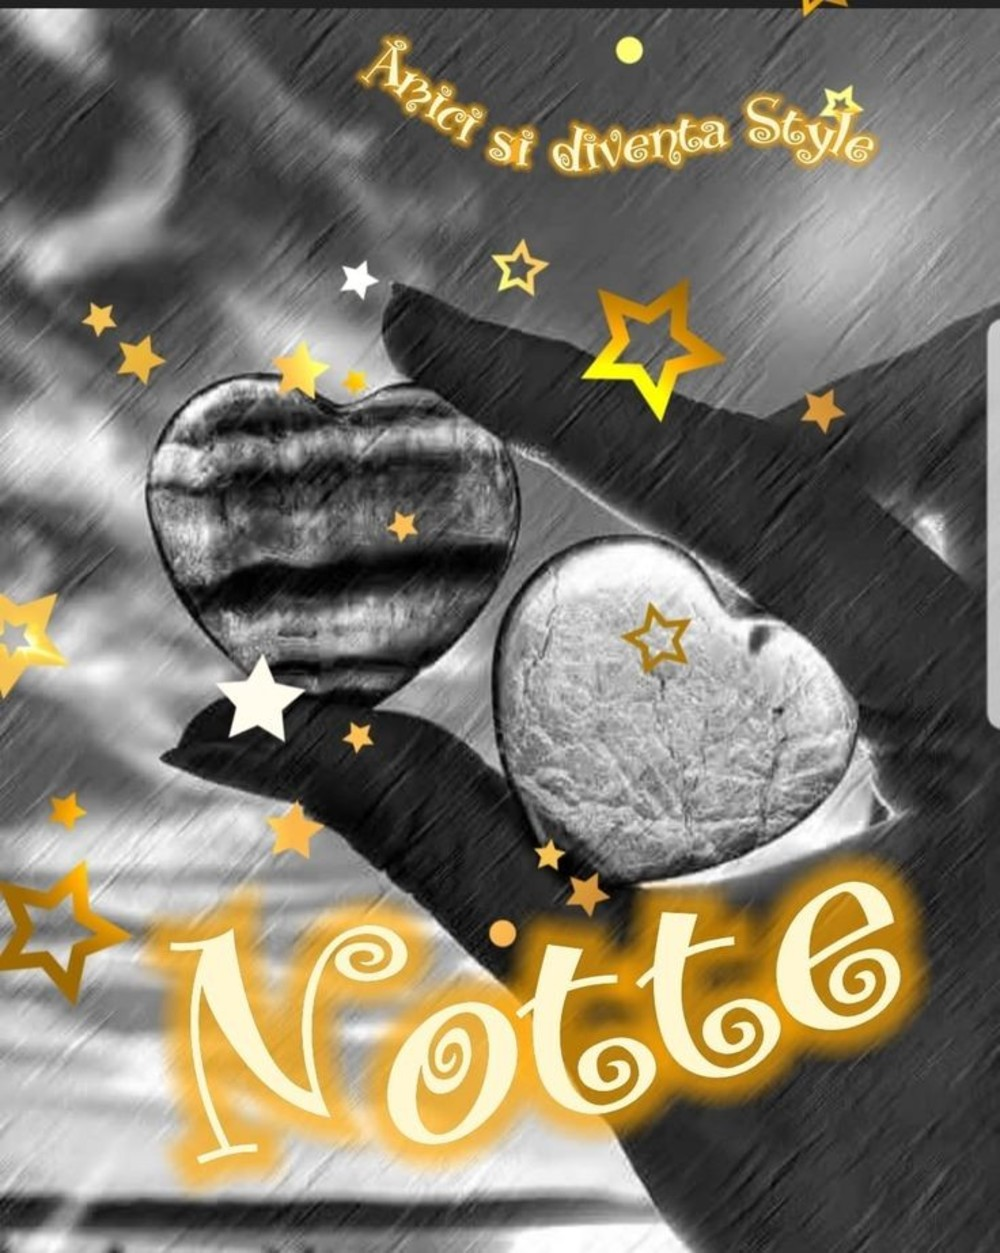 immagini nuove buonanotte dolci sogni (5)